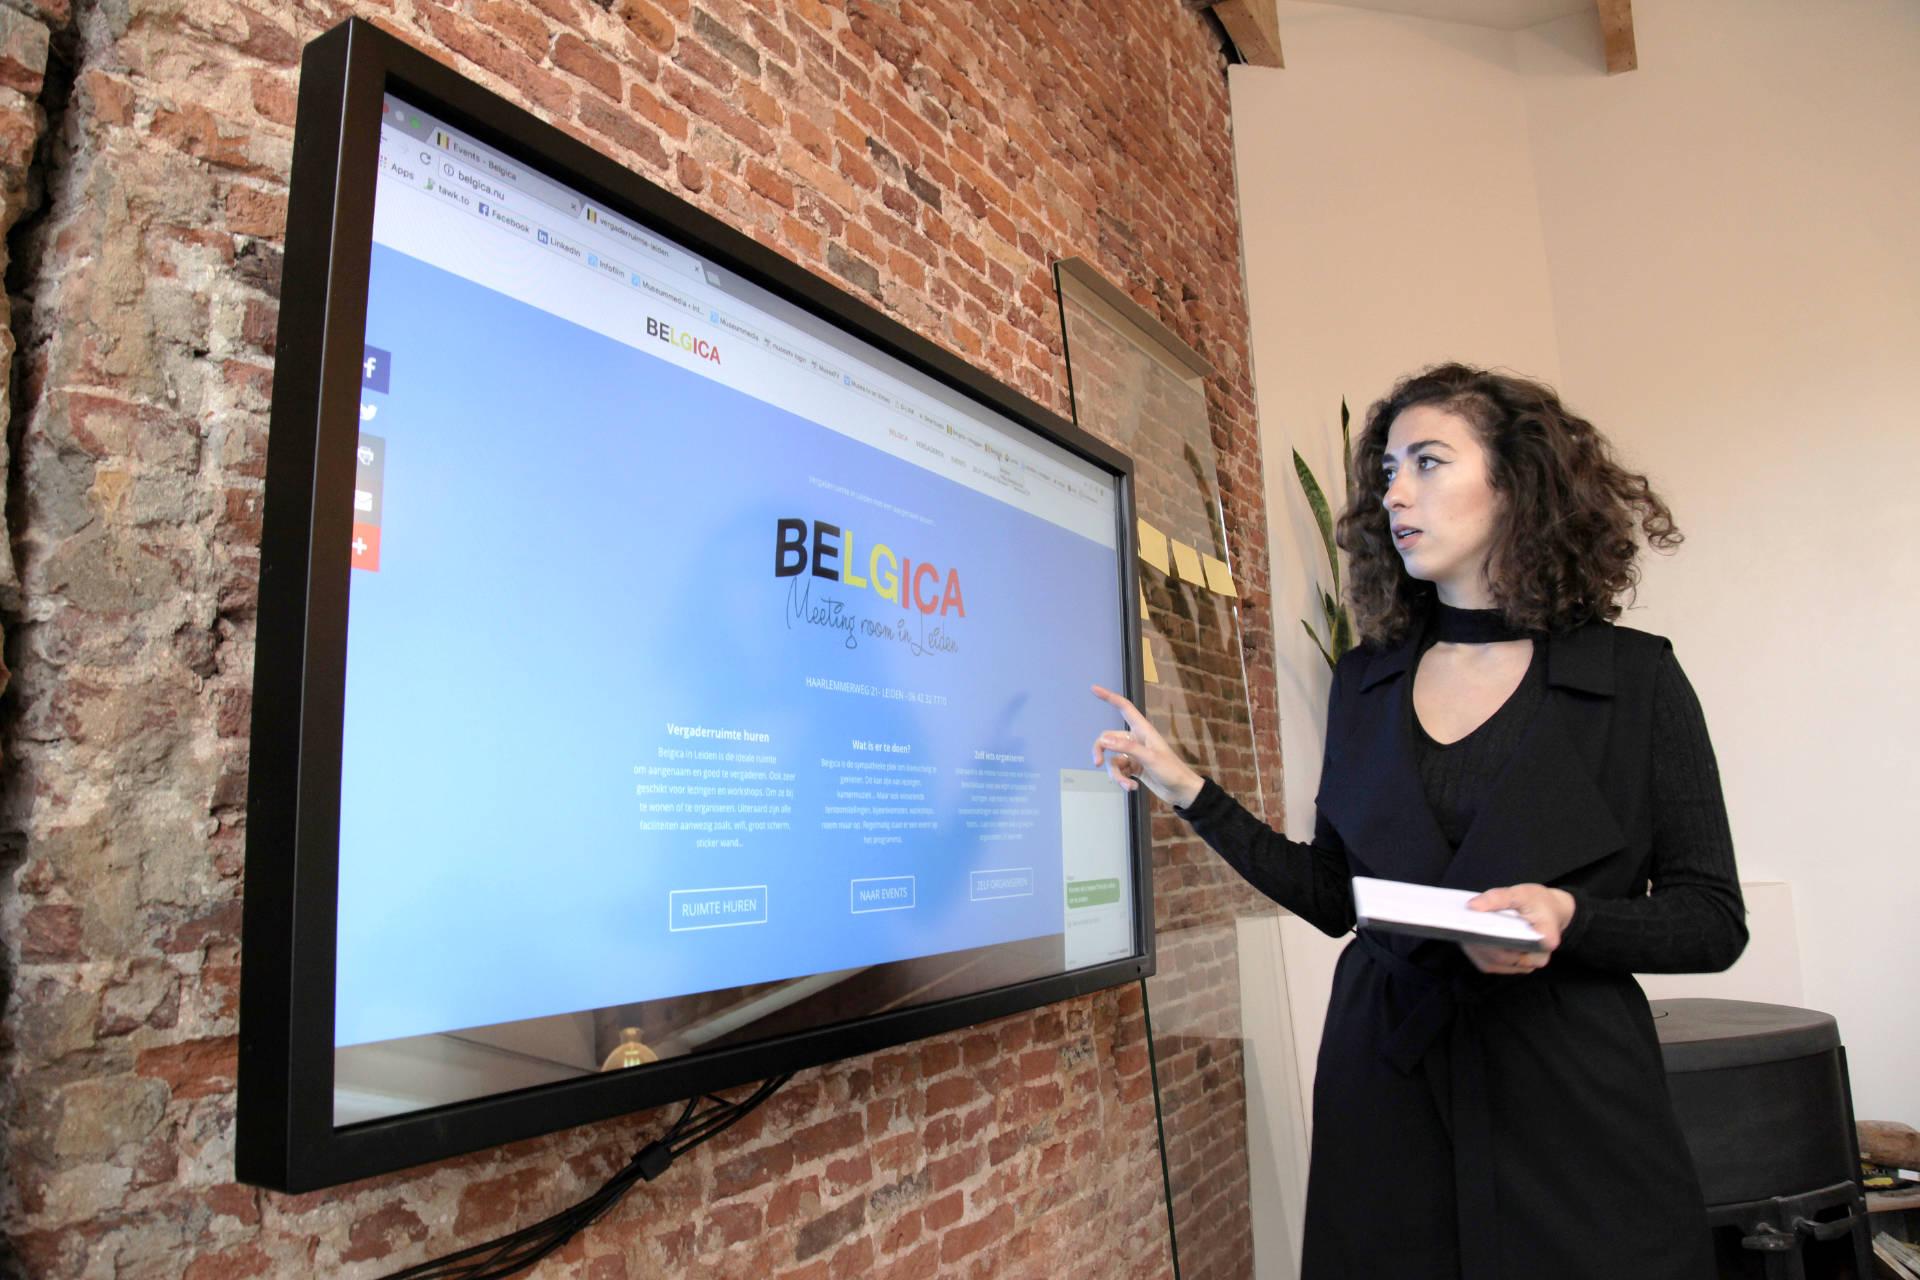 Groot touchscreen in de vergaderruimte maakt presentaties tot een belevenis.